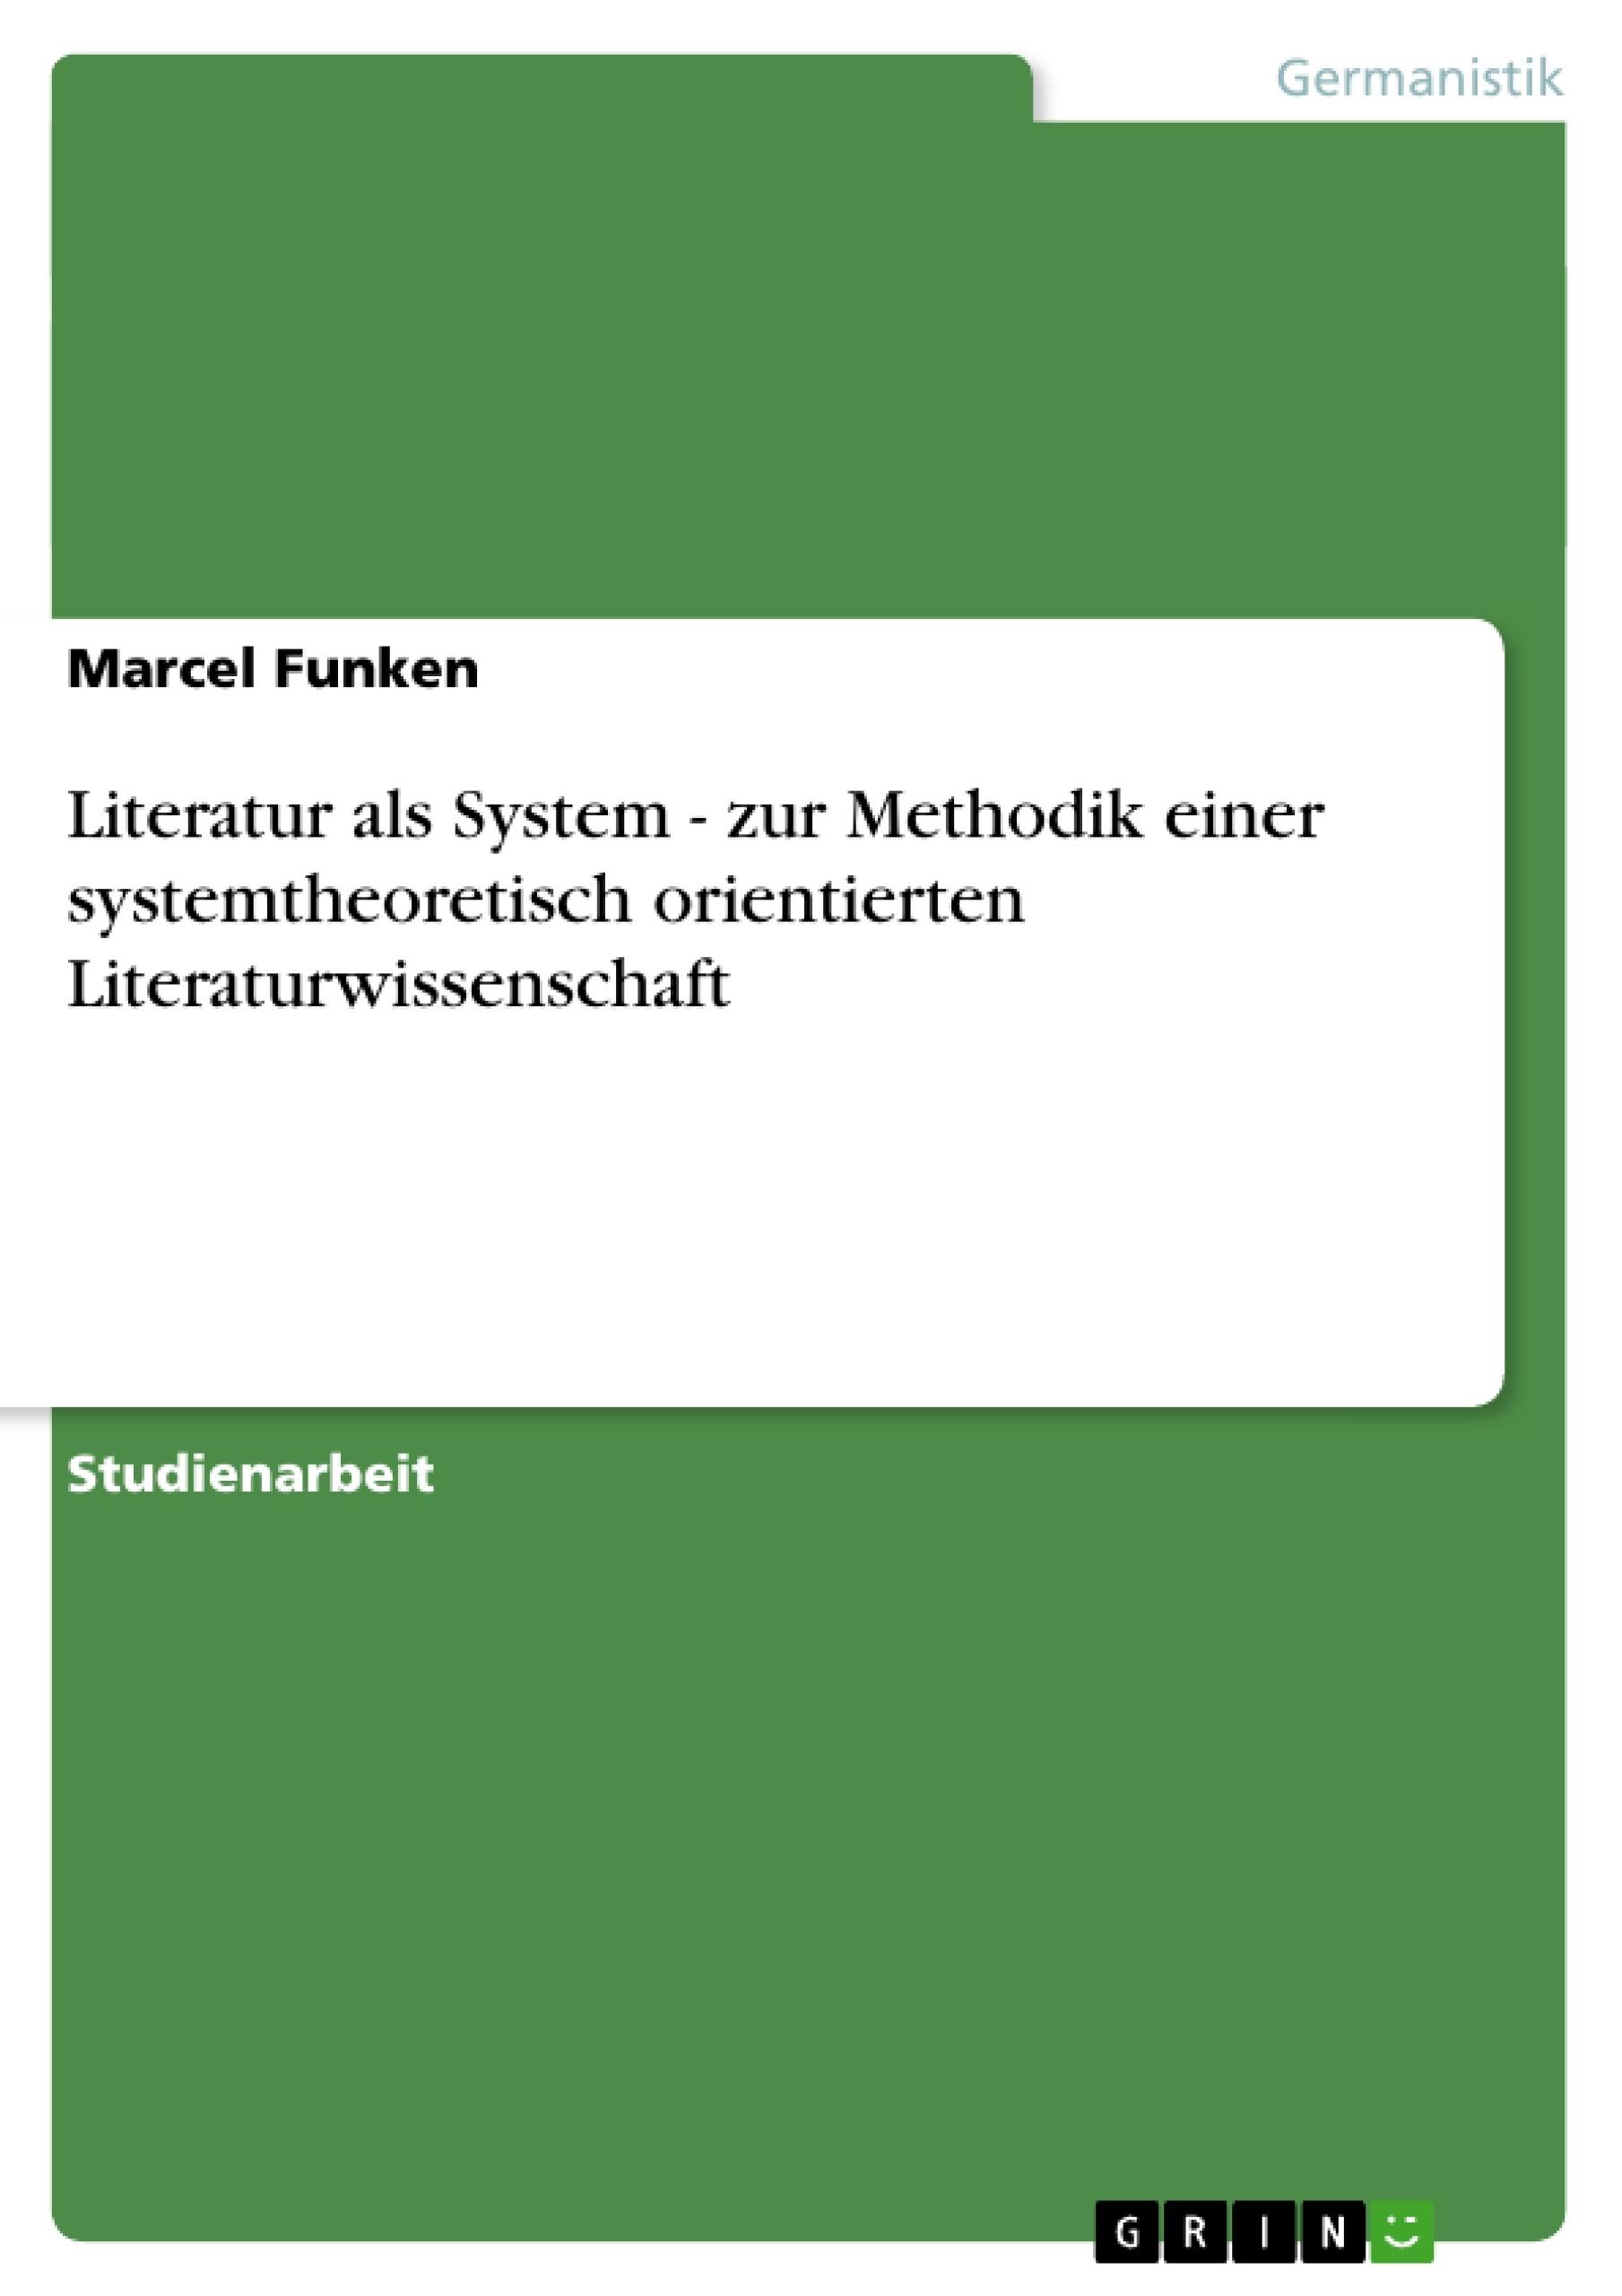 Titel: Literatur als System - zur Methodik einer systemtheoretisch orientierten Literaturwissenschaft